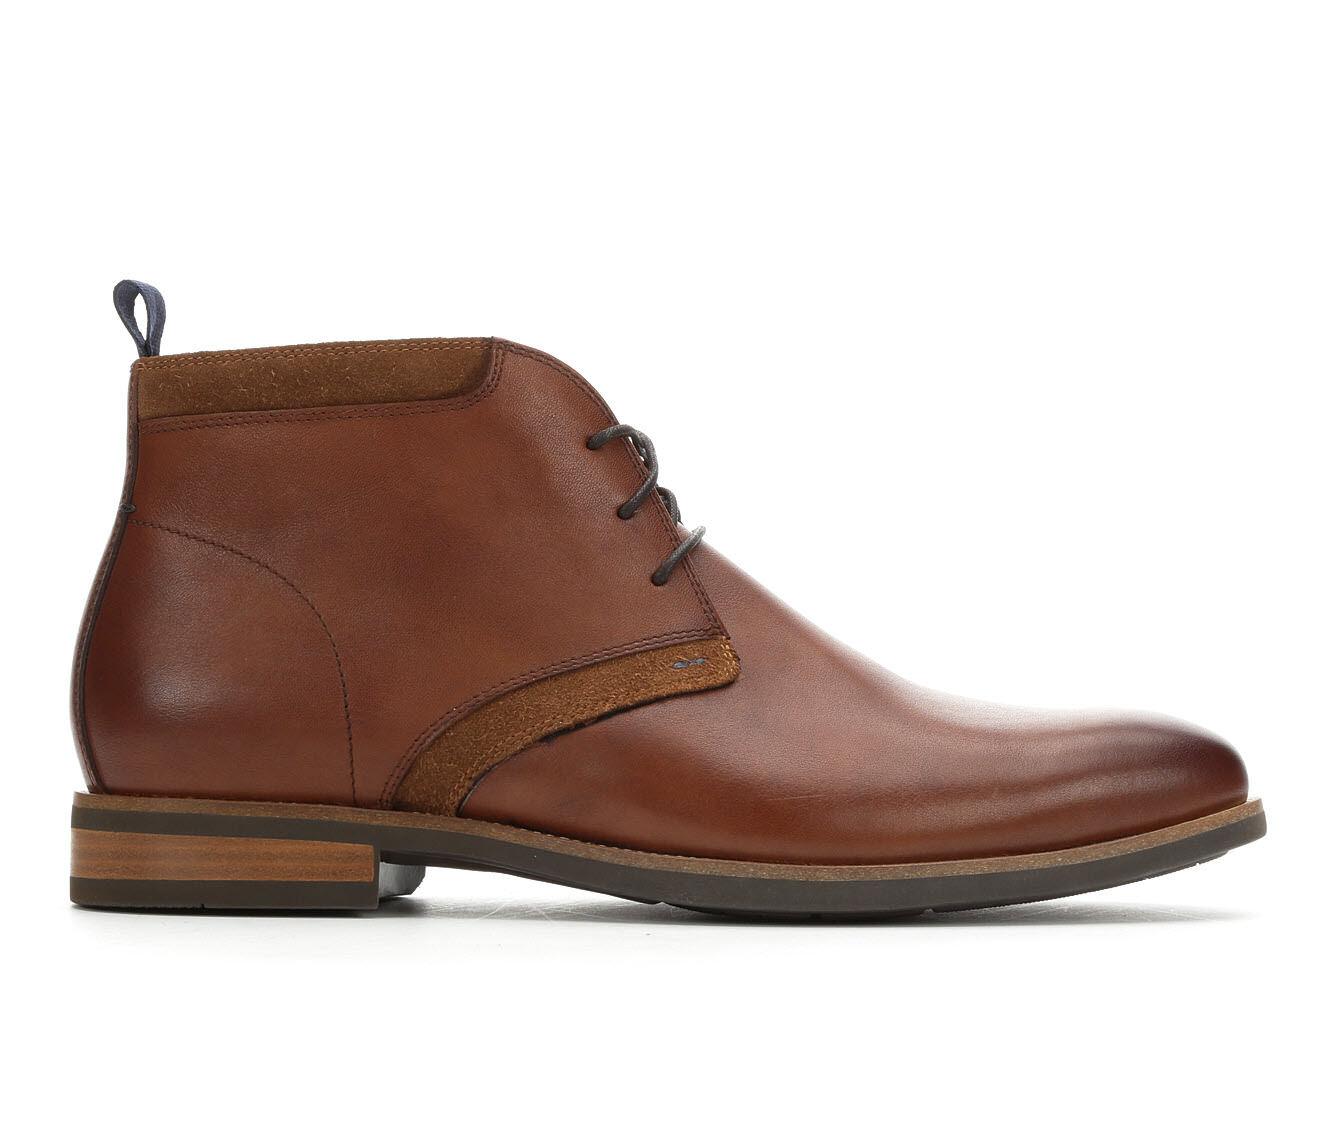 Men's Florsheim Uptown Chukka Boot Dress Shoes Cognac